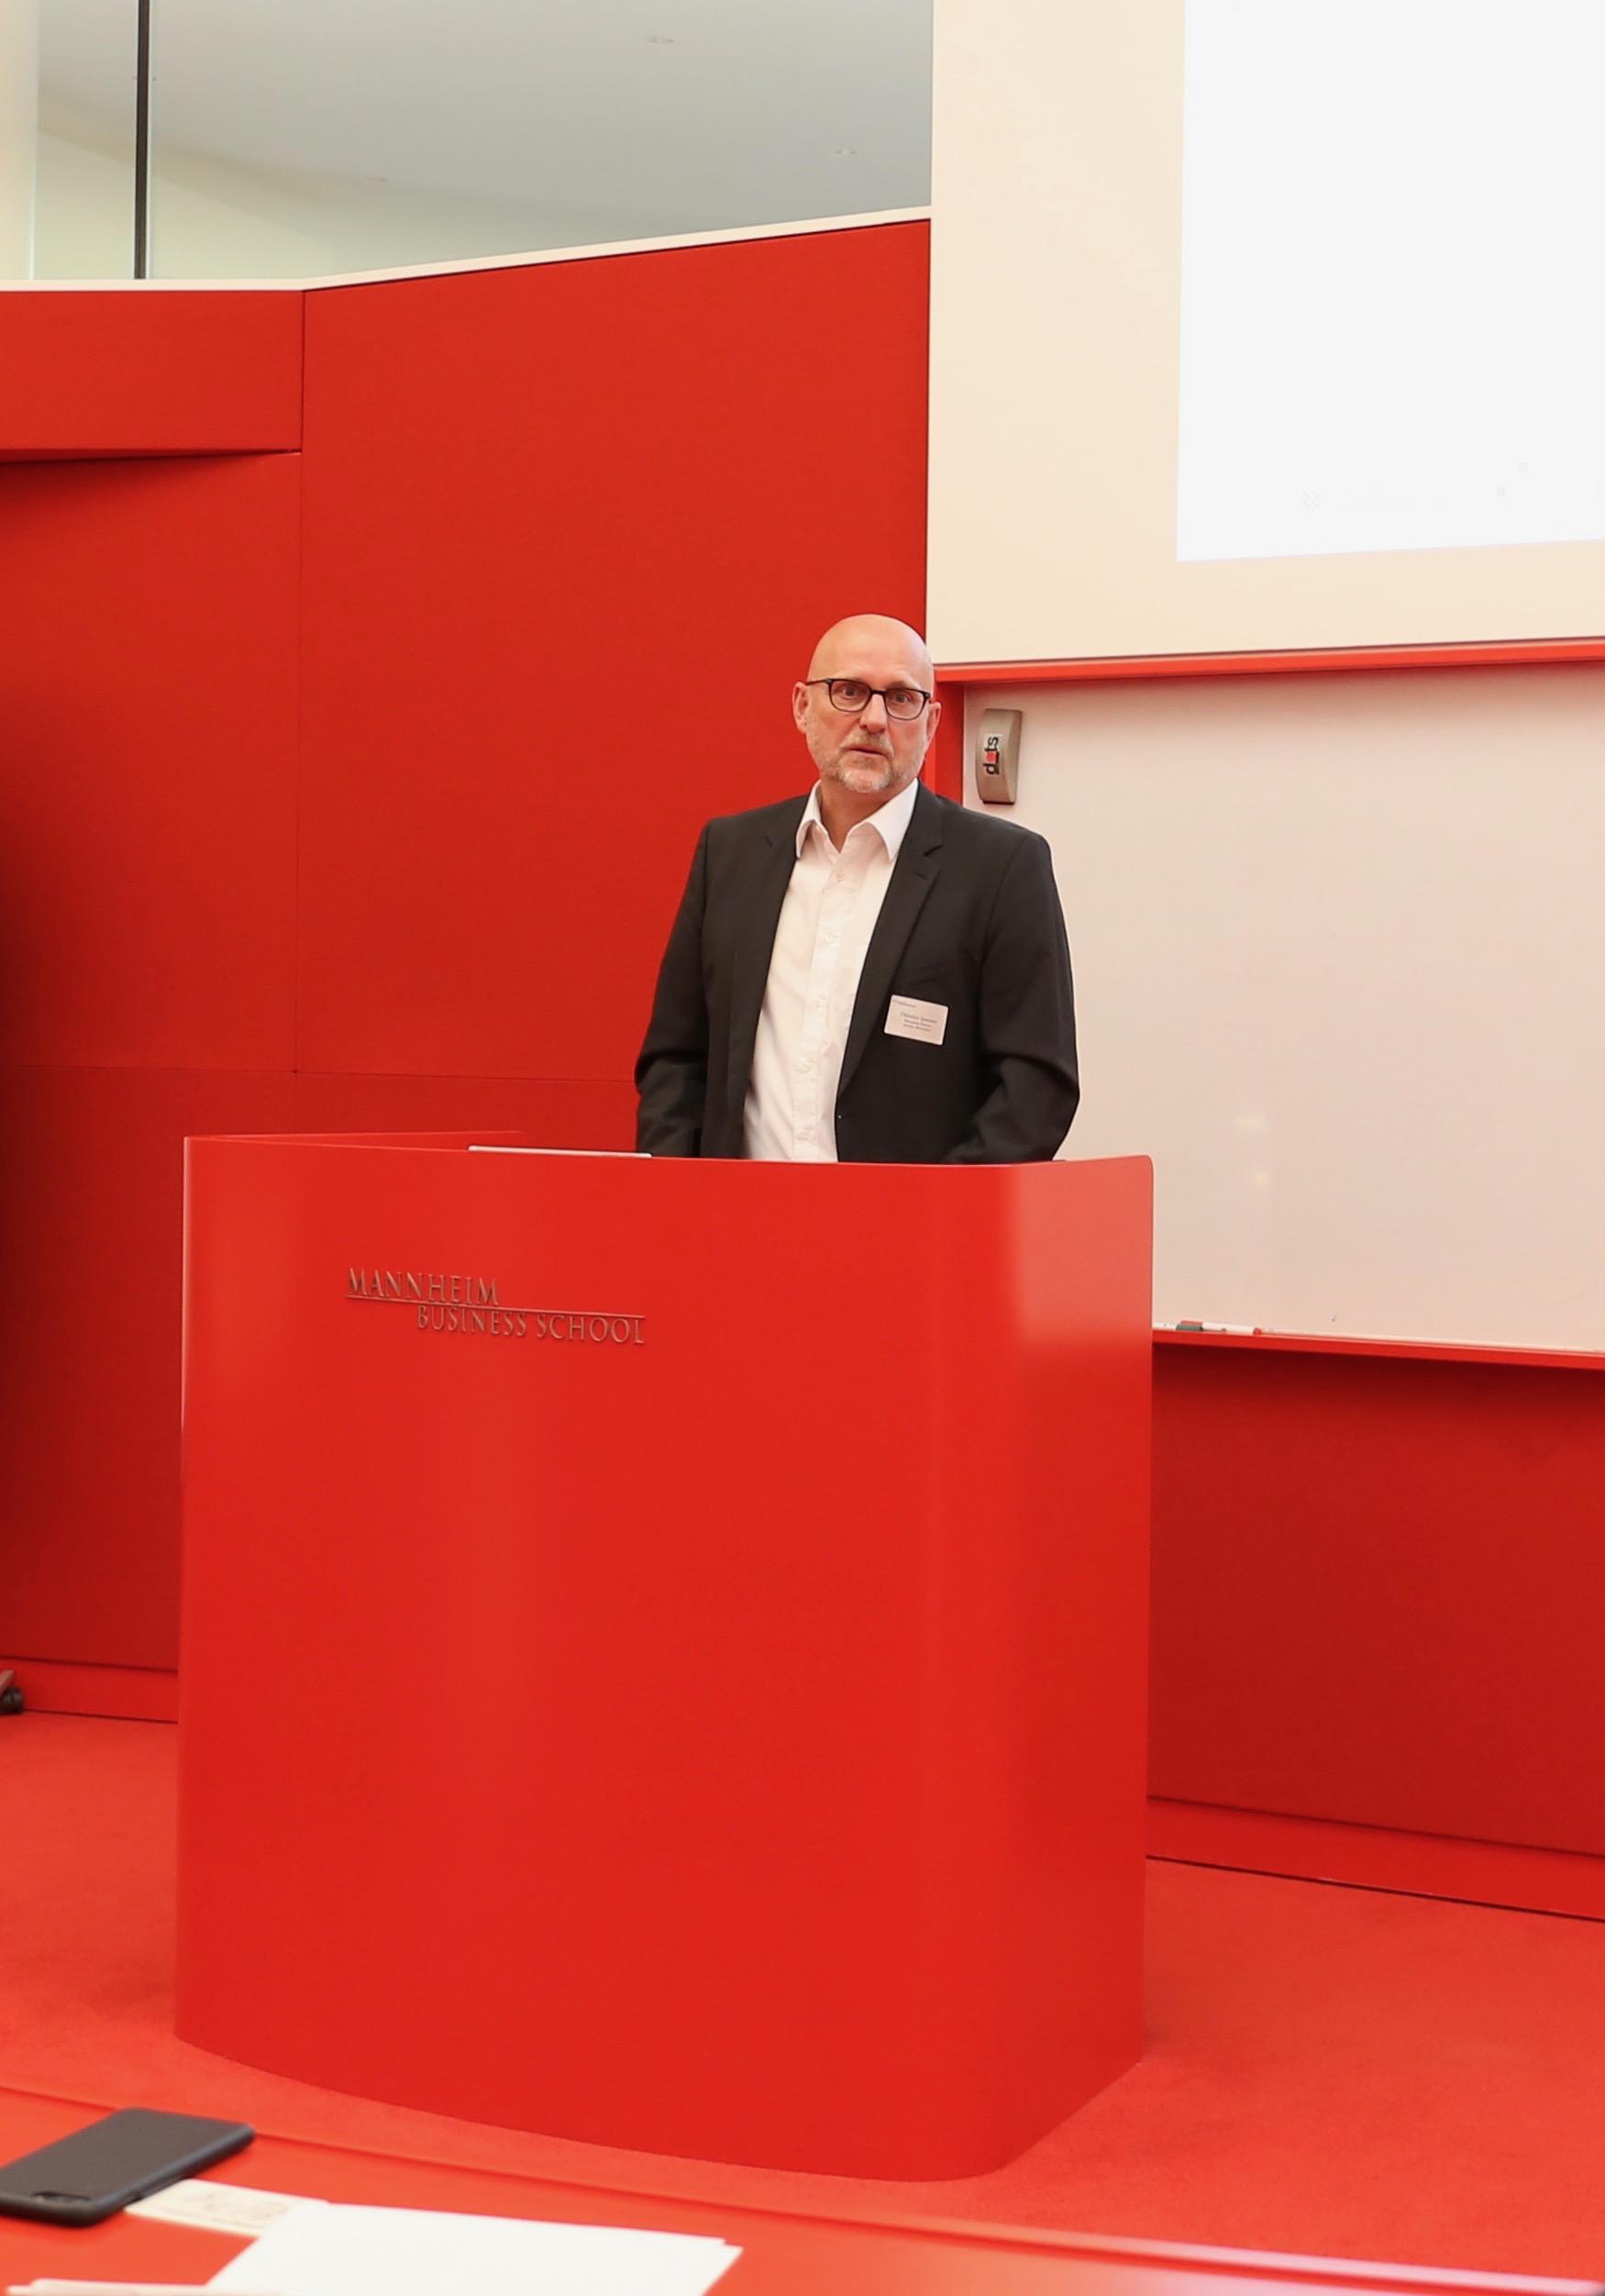 NEXT MANNHEIM Geschäftsführer Christian Sommer spricht bei der Founding Ceremony